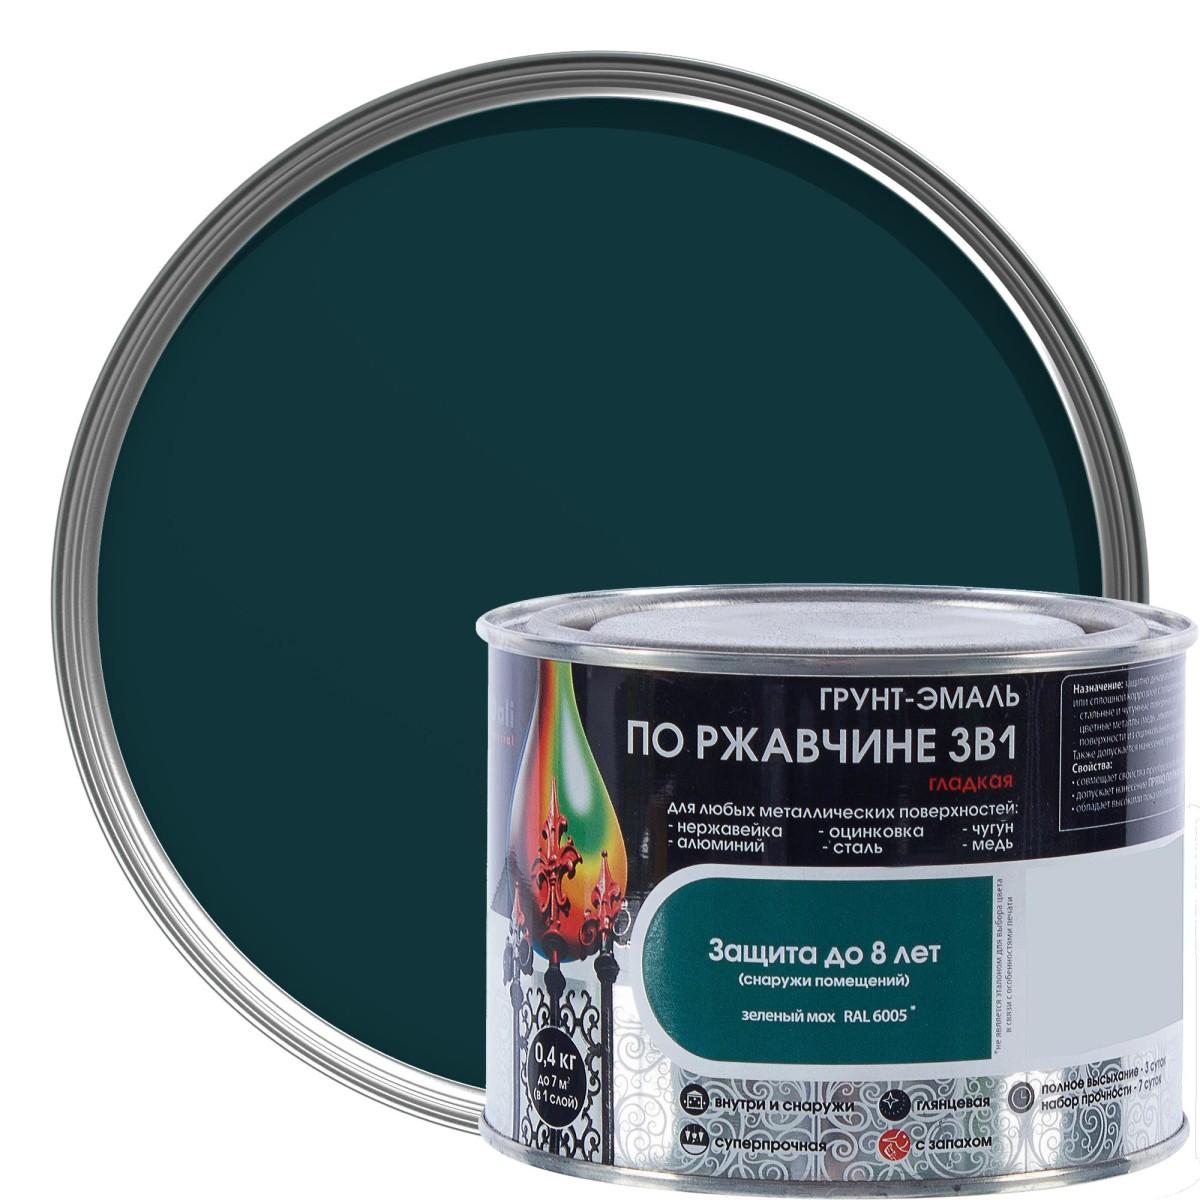 Грунт эмаль по ржавчине 3 в 1 гладкая Dali Special цвет зеленый мох 0.4 кг